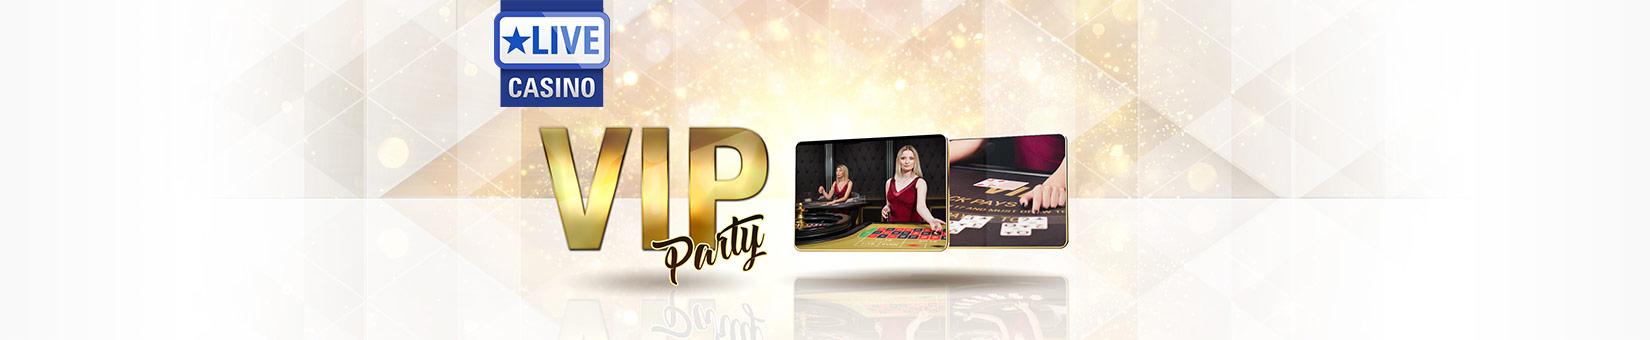 Poker en vivo casino con tiradas gratis en Alicante 153096